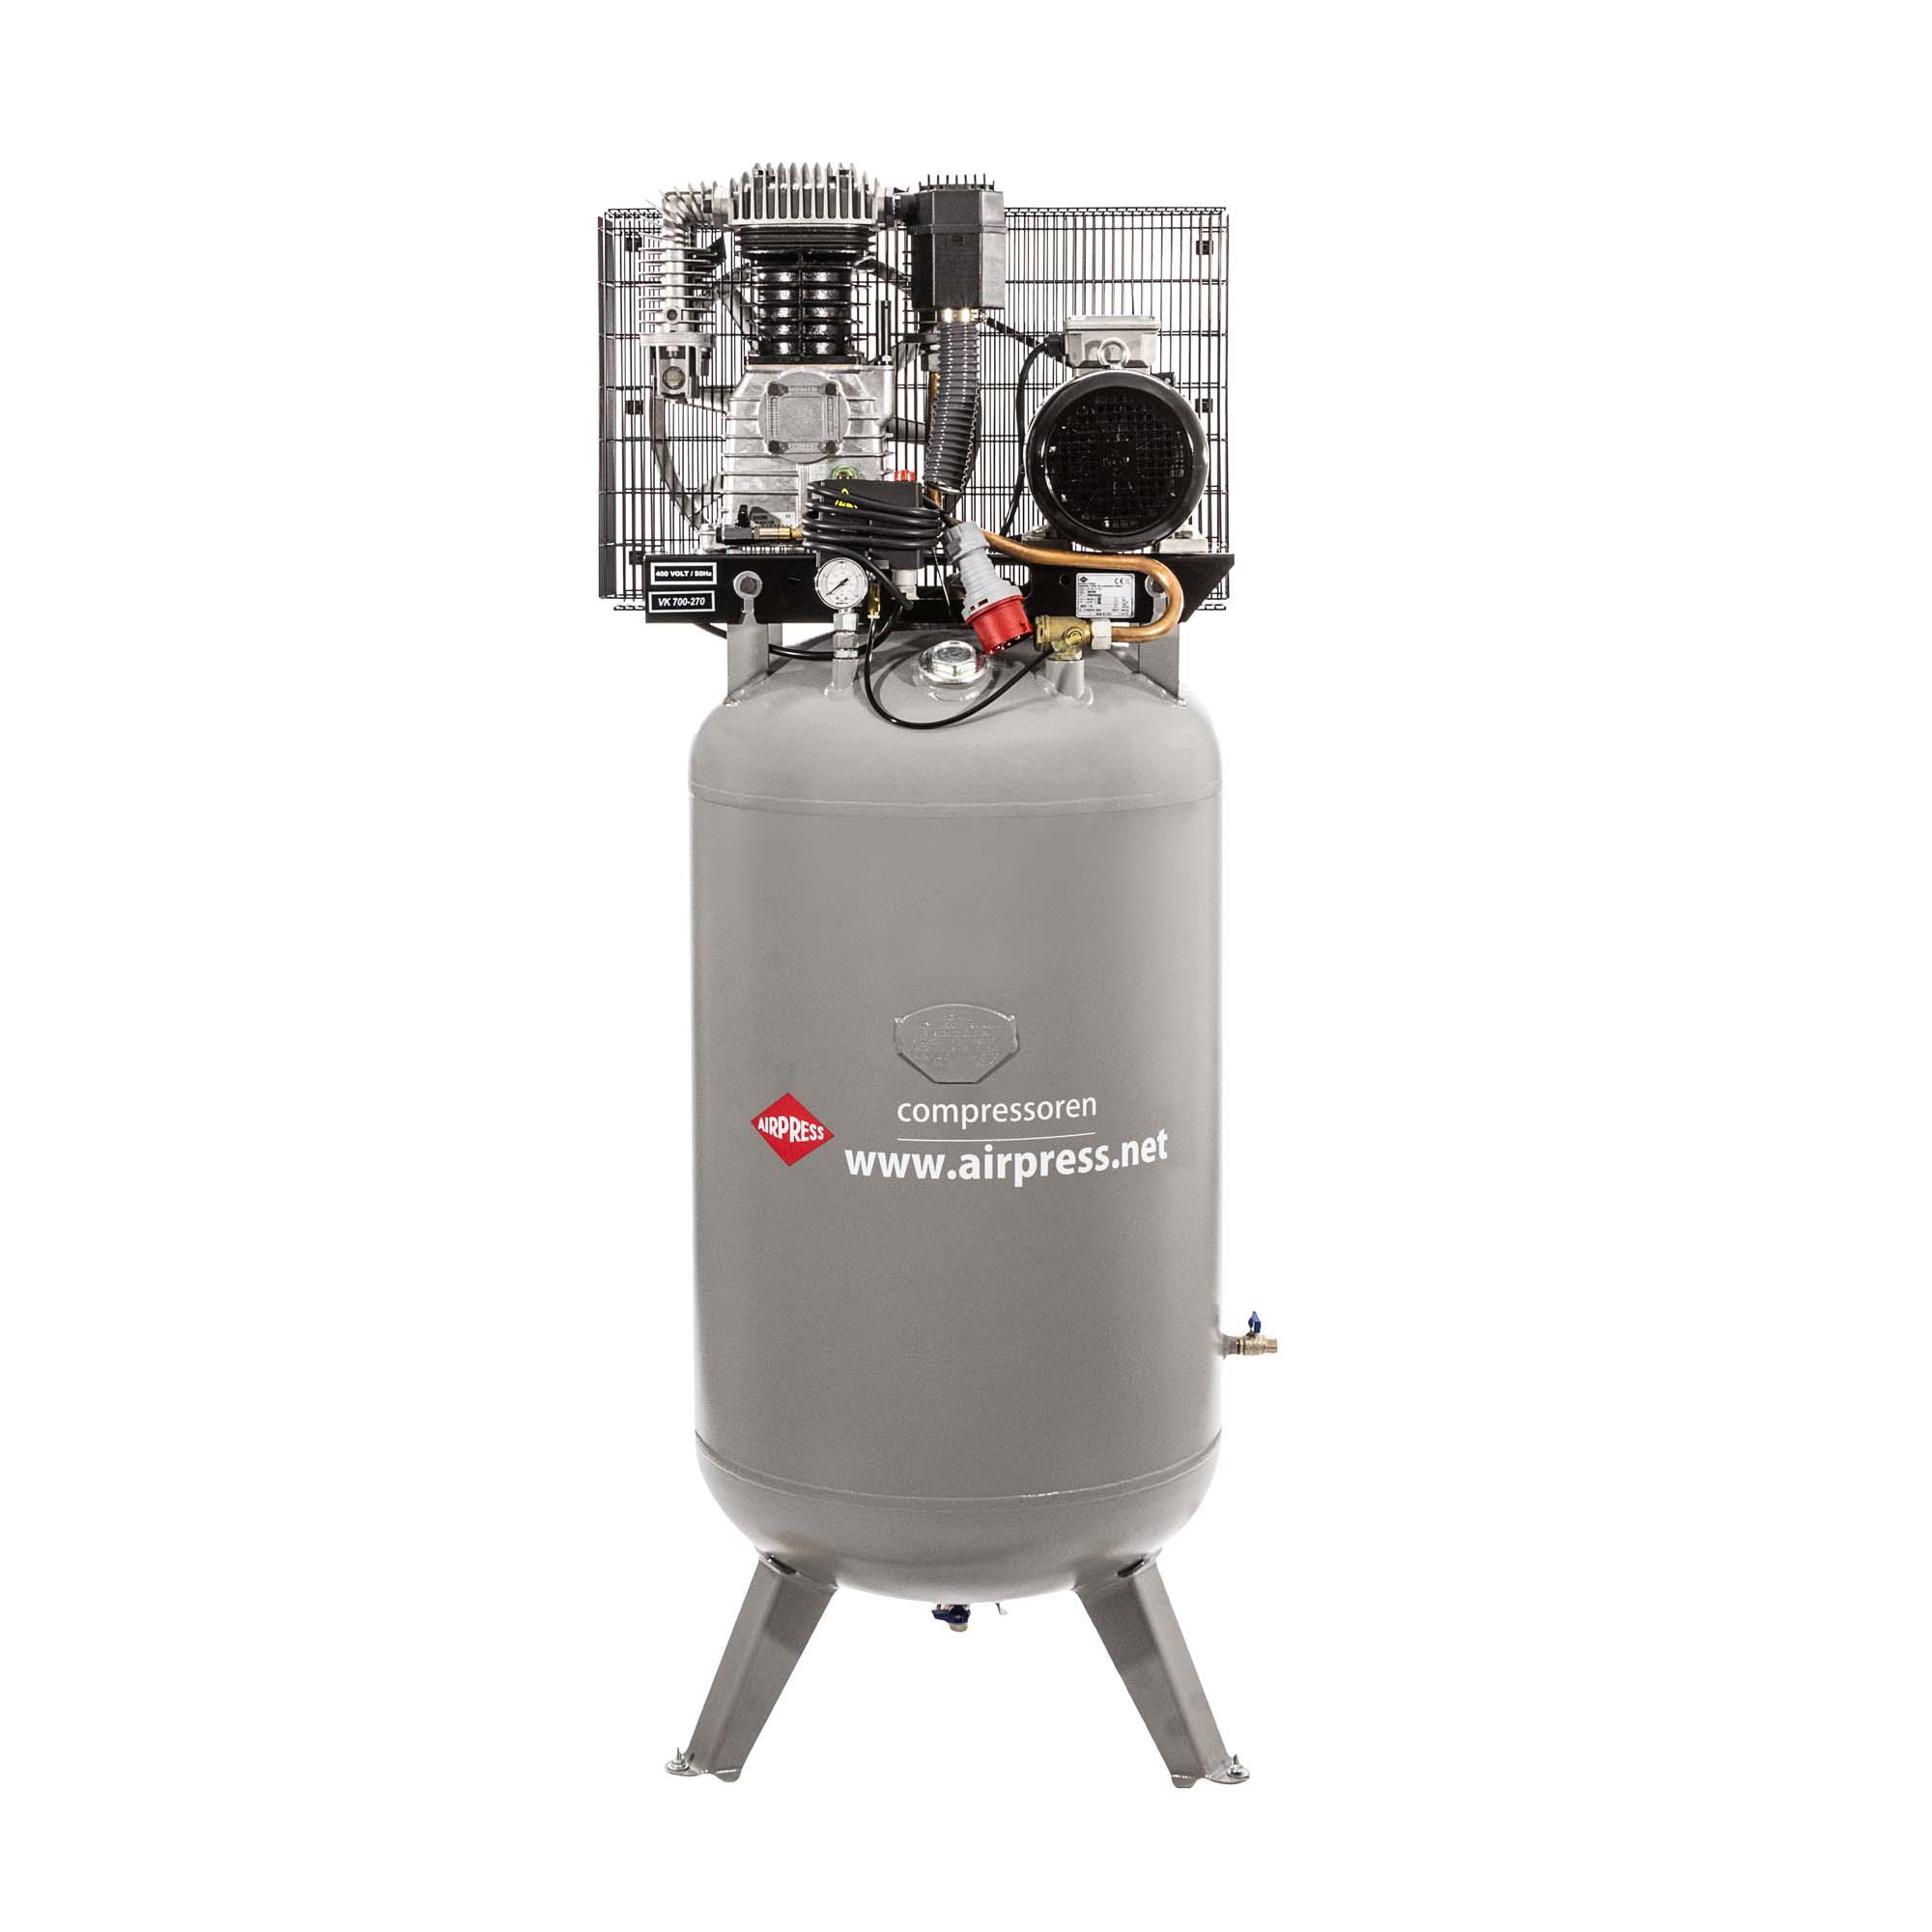 Staande Compressor VK 700-270 Pro 11 bar 5.5 pk/4 kW 530 l/min 270 l